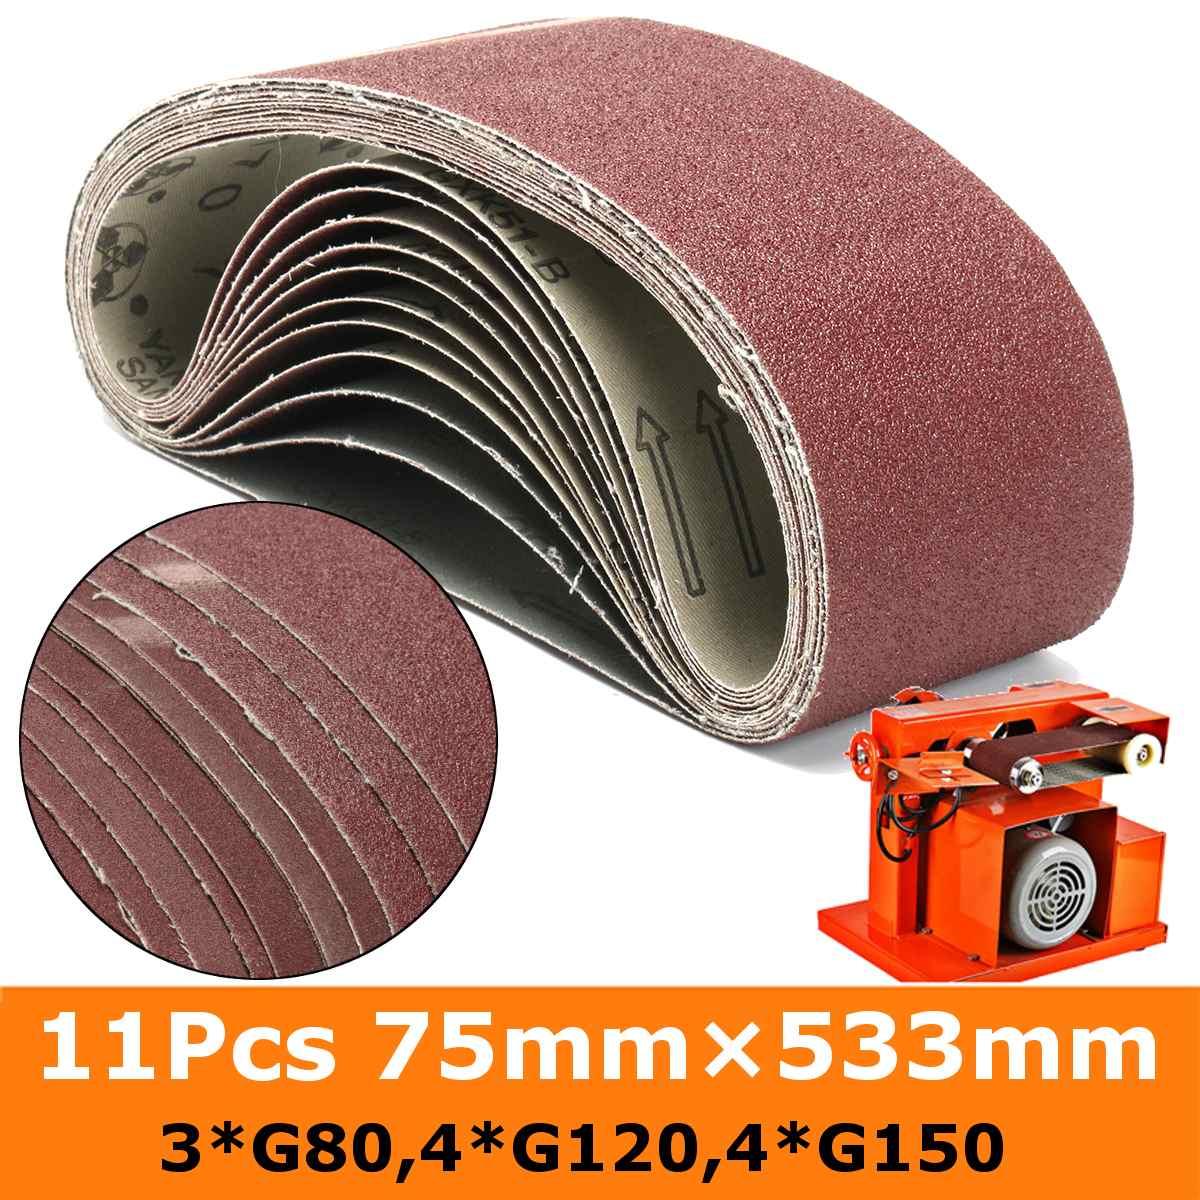 11 шт. шлифовальных лент 75 мм x 533 мм 80 120 150 смешанный зернистый шлифовальный ленточный набор абразивных инструментов аксессуары